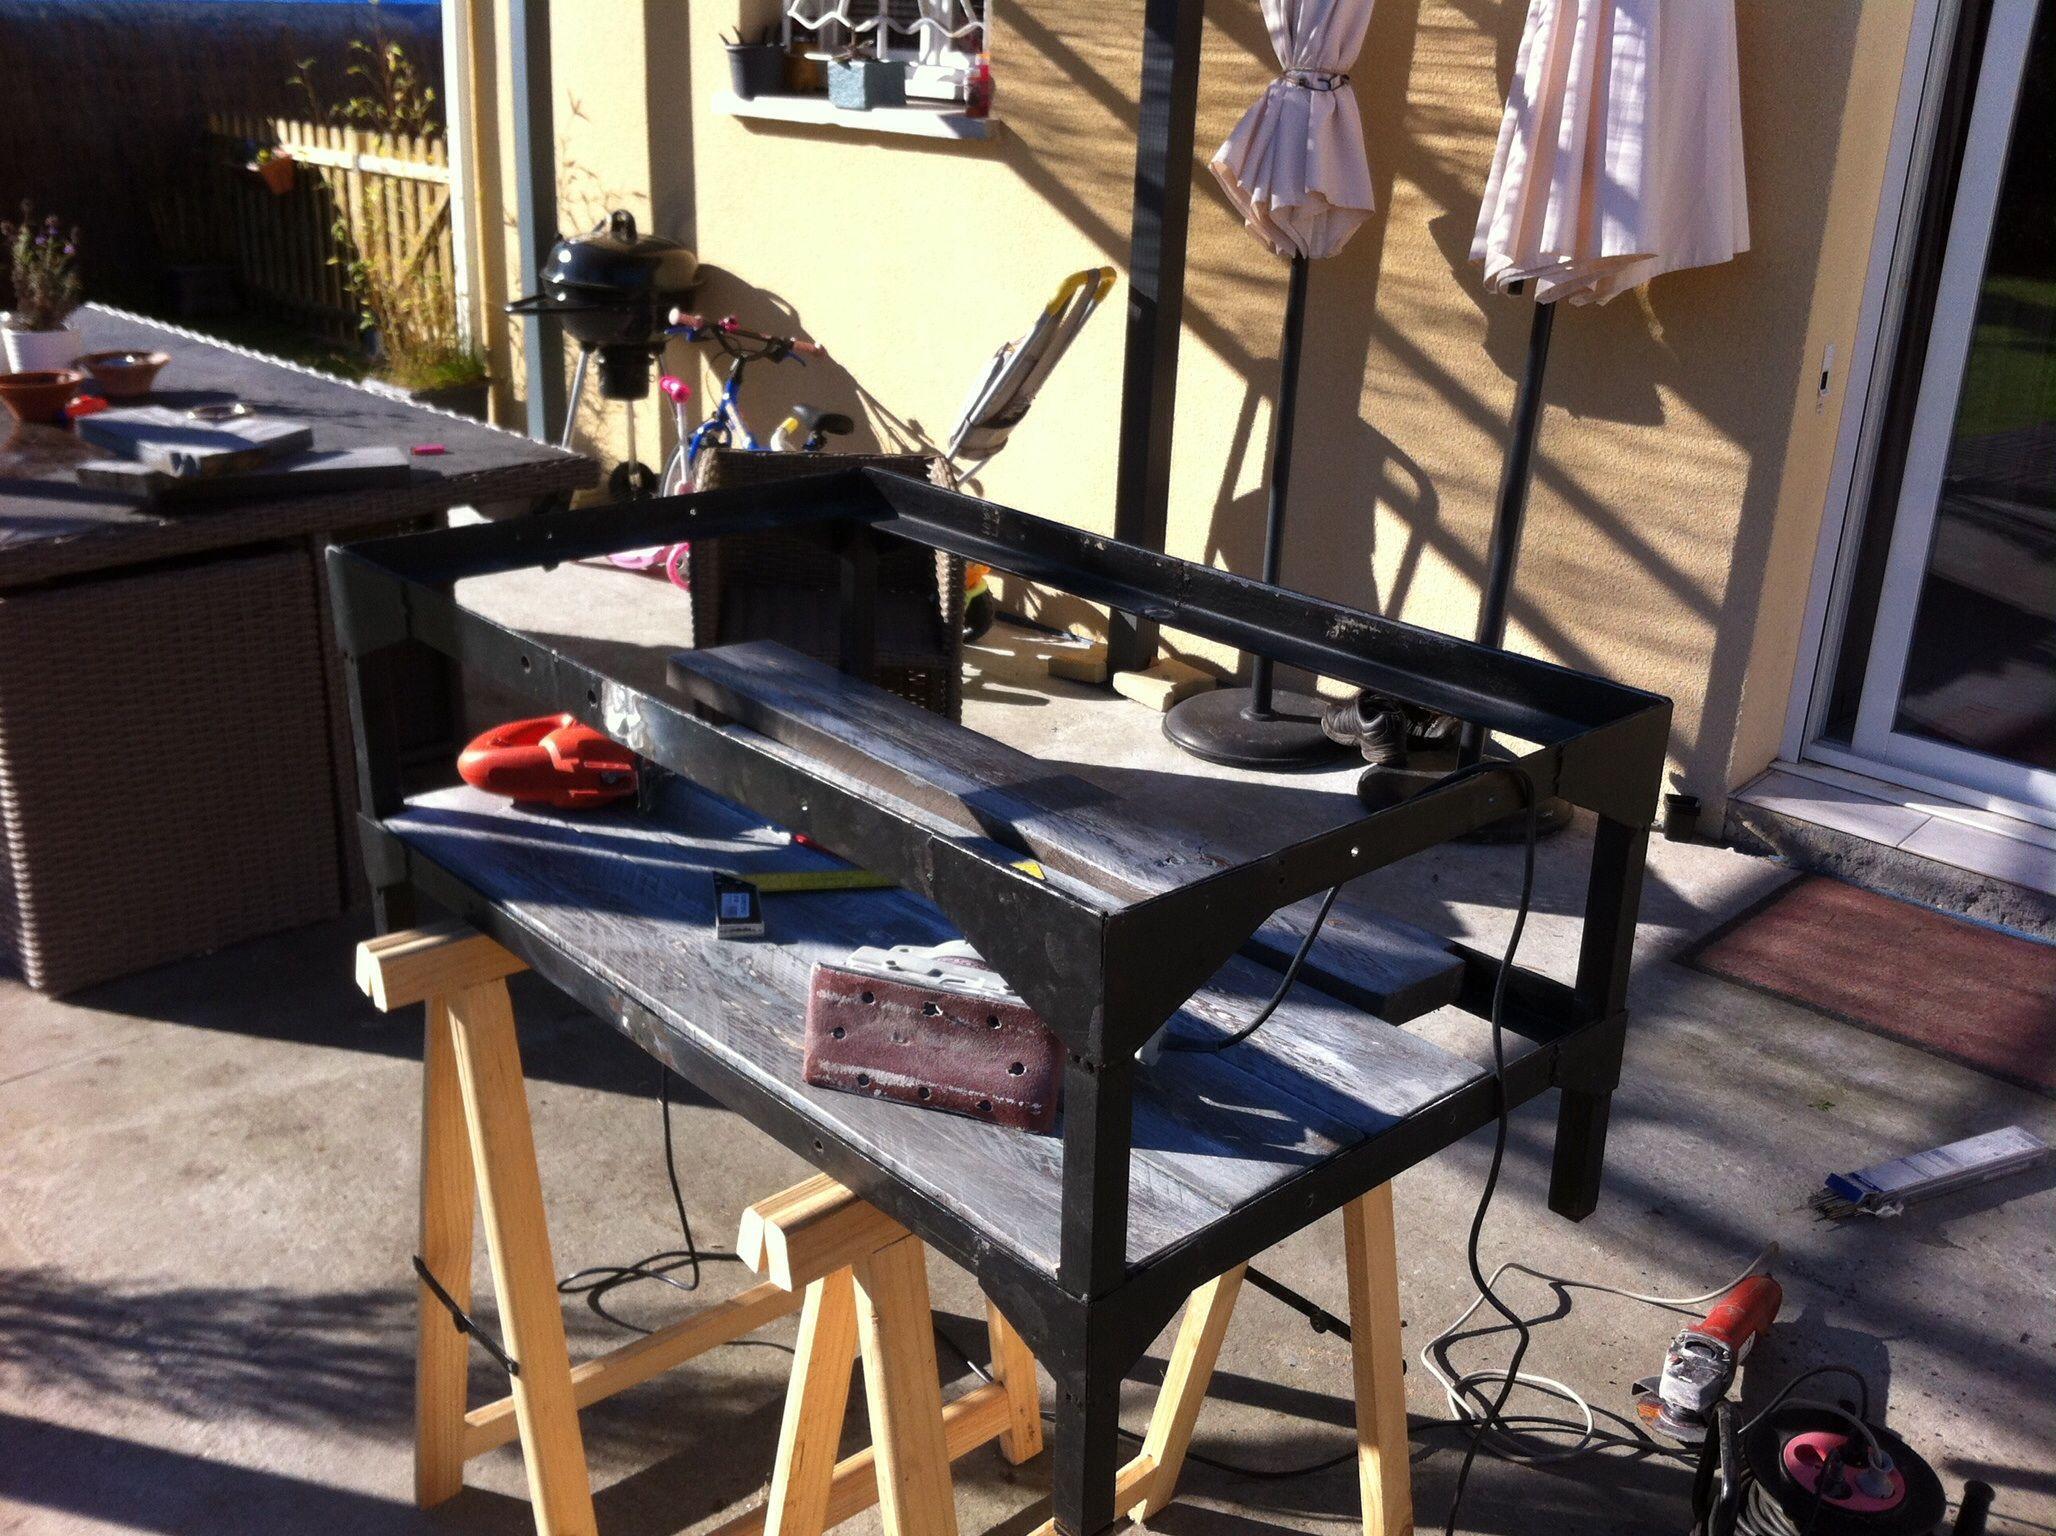 L 39 atelier de fabrication table industrielle en plein air mobilier industriel del crapou - Table atelier industriel ...